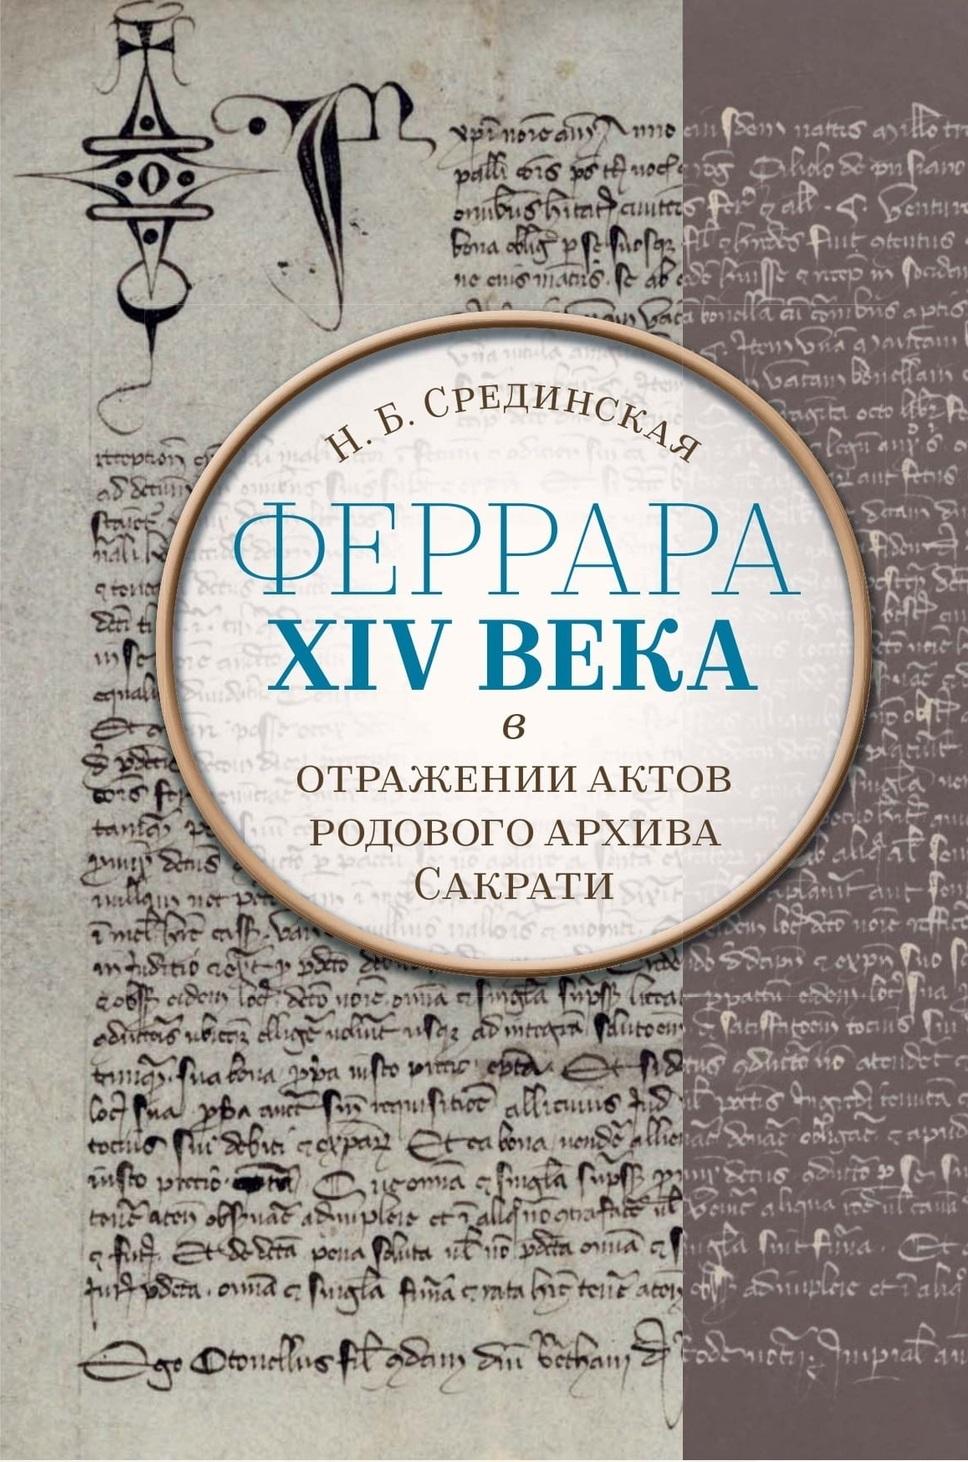 Image result for Срединская Н. Б. Феррара XIV века в отражении актов родового архива